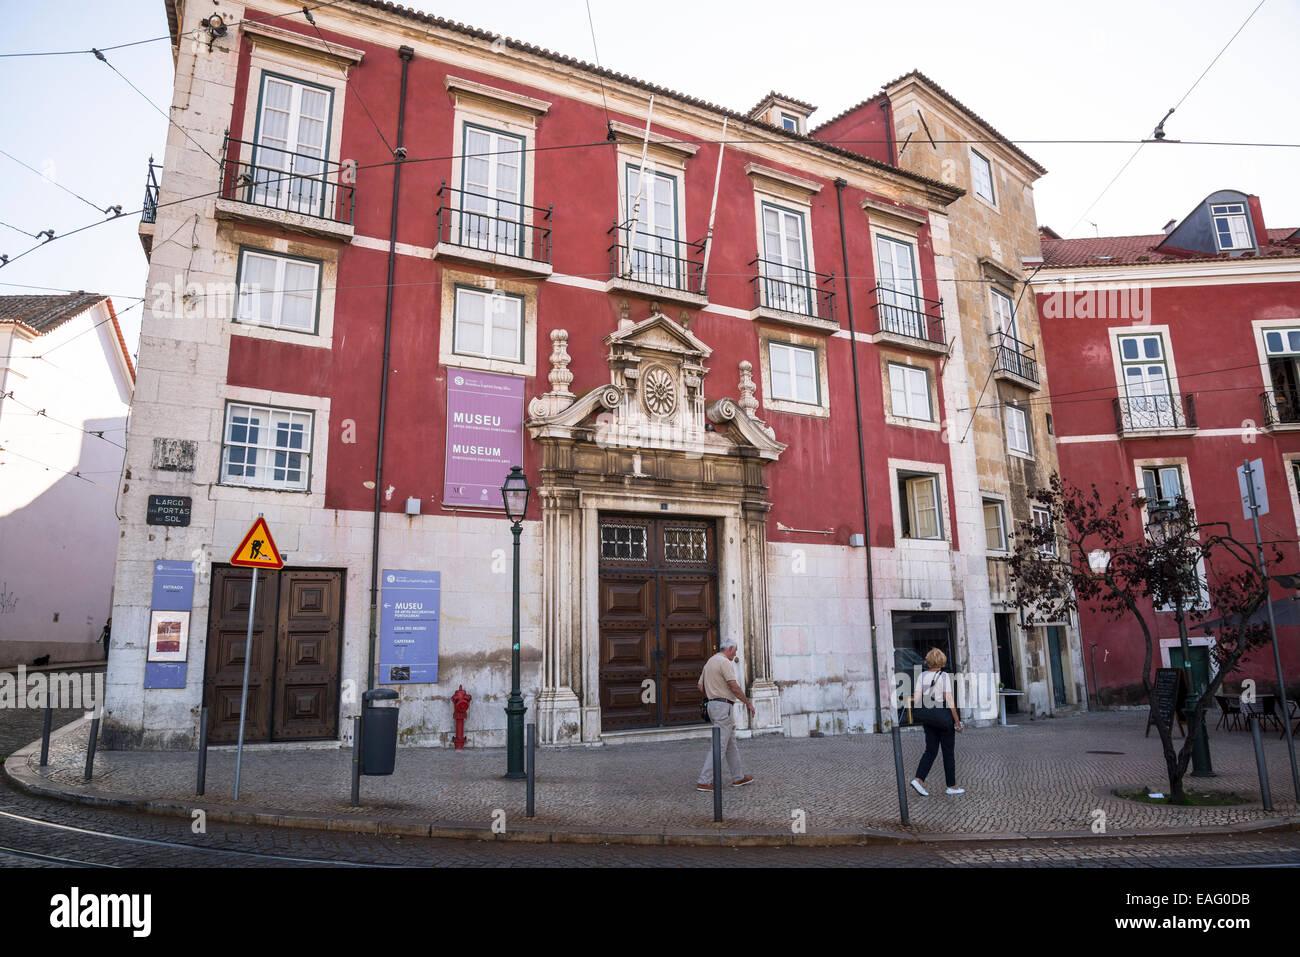 Museo di portoghese di Arti Decorative, Largo das Portas do Sol, Alfama, Lisbona, Portogallo Immagini Stock